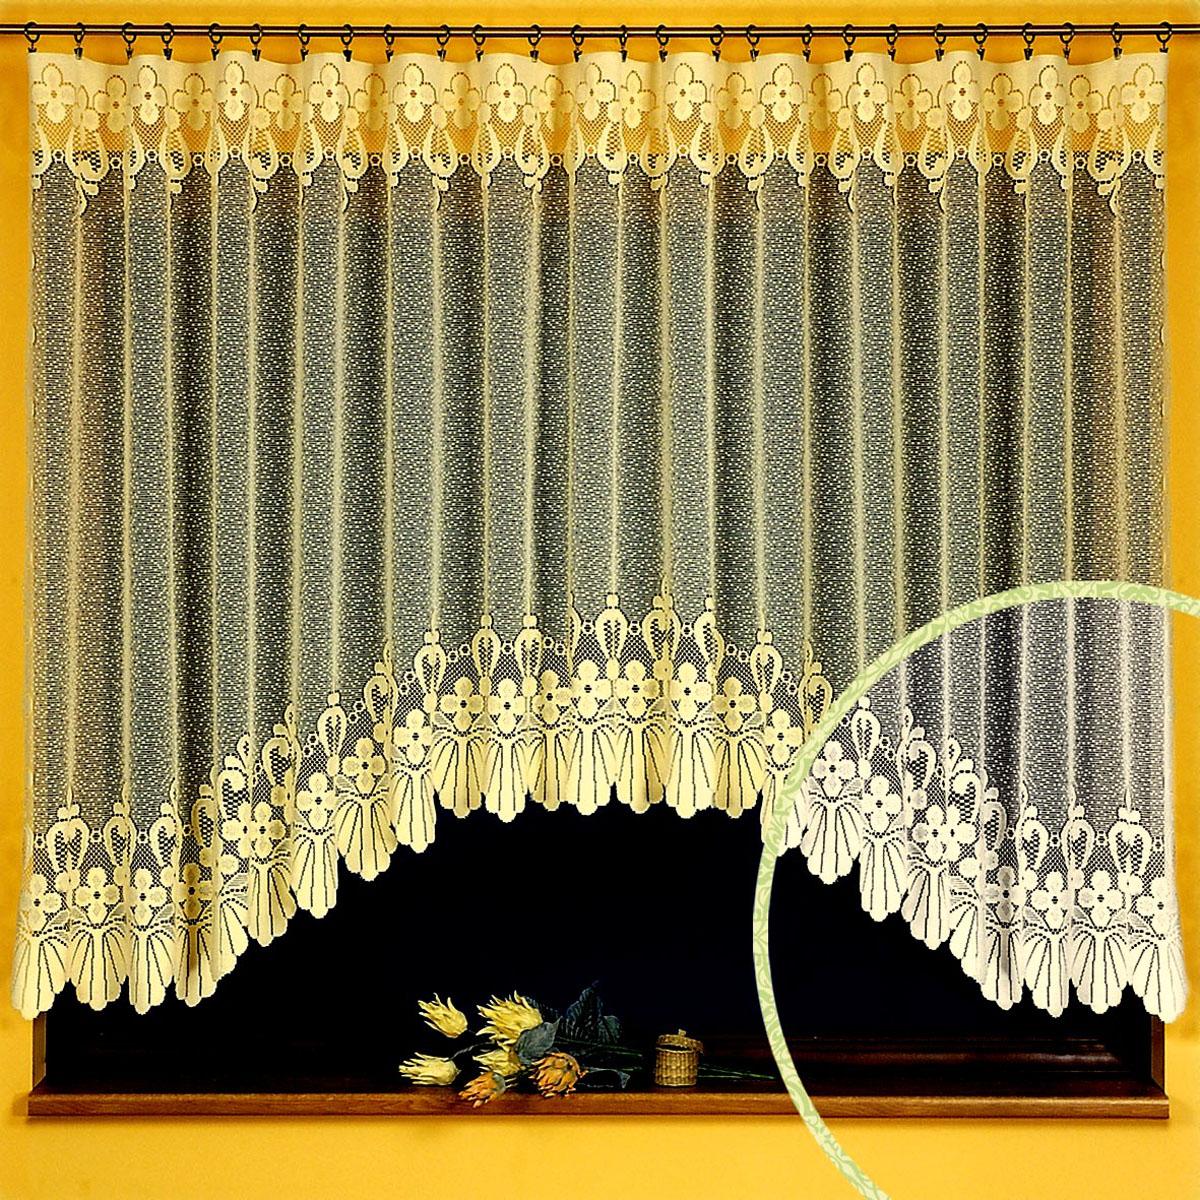 Гардина Ewa, цвет: кремовый, высота 150 см88838Гардина Ewa, выполненная из легкого полиэстера кремового цвета, станет великолепным украшением любого окна. Тонкое плетение, оригинальный дизайн и нежная цветовая гамма привлекут внимание и украсят интерьер помещения. Гардина крепится к карнизу только с помощью зажимов (в комплект не входят). Характеристики:Материал: 100% полиэстер. Цвет: кремовый. Размер упаковки:24 см х 33 см х 6 см. Артикул: 469918.В комплект входит: Гардина - 1 шт. Размер (ШхВ): 350 см х 150 см. Фирма Wisan на польском рынке существует уже более пятидесяти лет и является одной из лучших польских фабрик по производству штор и тканей. Ассортимент фирмы представлен готовыми комплектами штор для гостиной, детской, кухни, а также текстилем для кухни (скатерти, салфетки, дорожки, кухонные занавески). Модельный ряд отличает оригинальный дизайн, высокое качество. Ассортимент продукции постоянно пополняется.